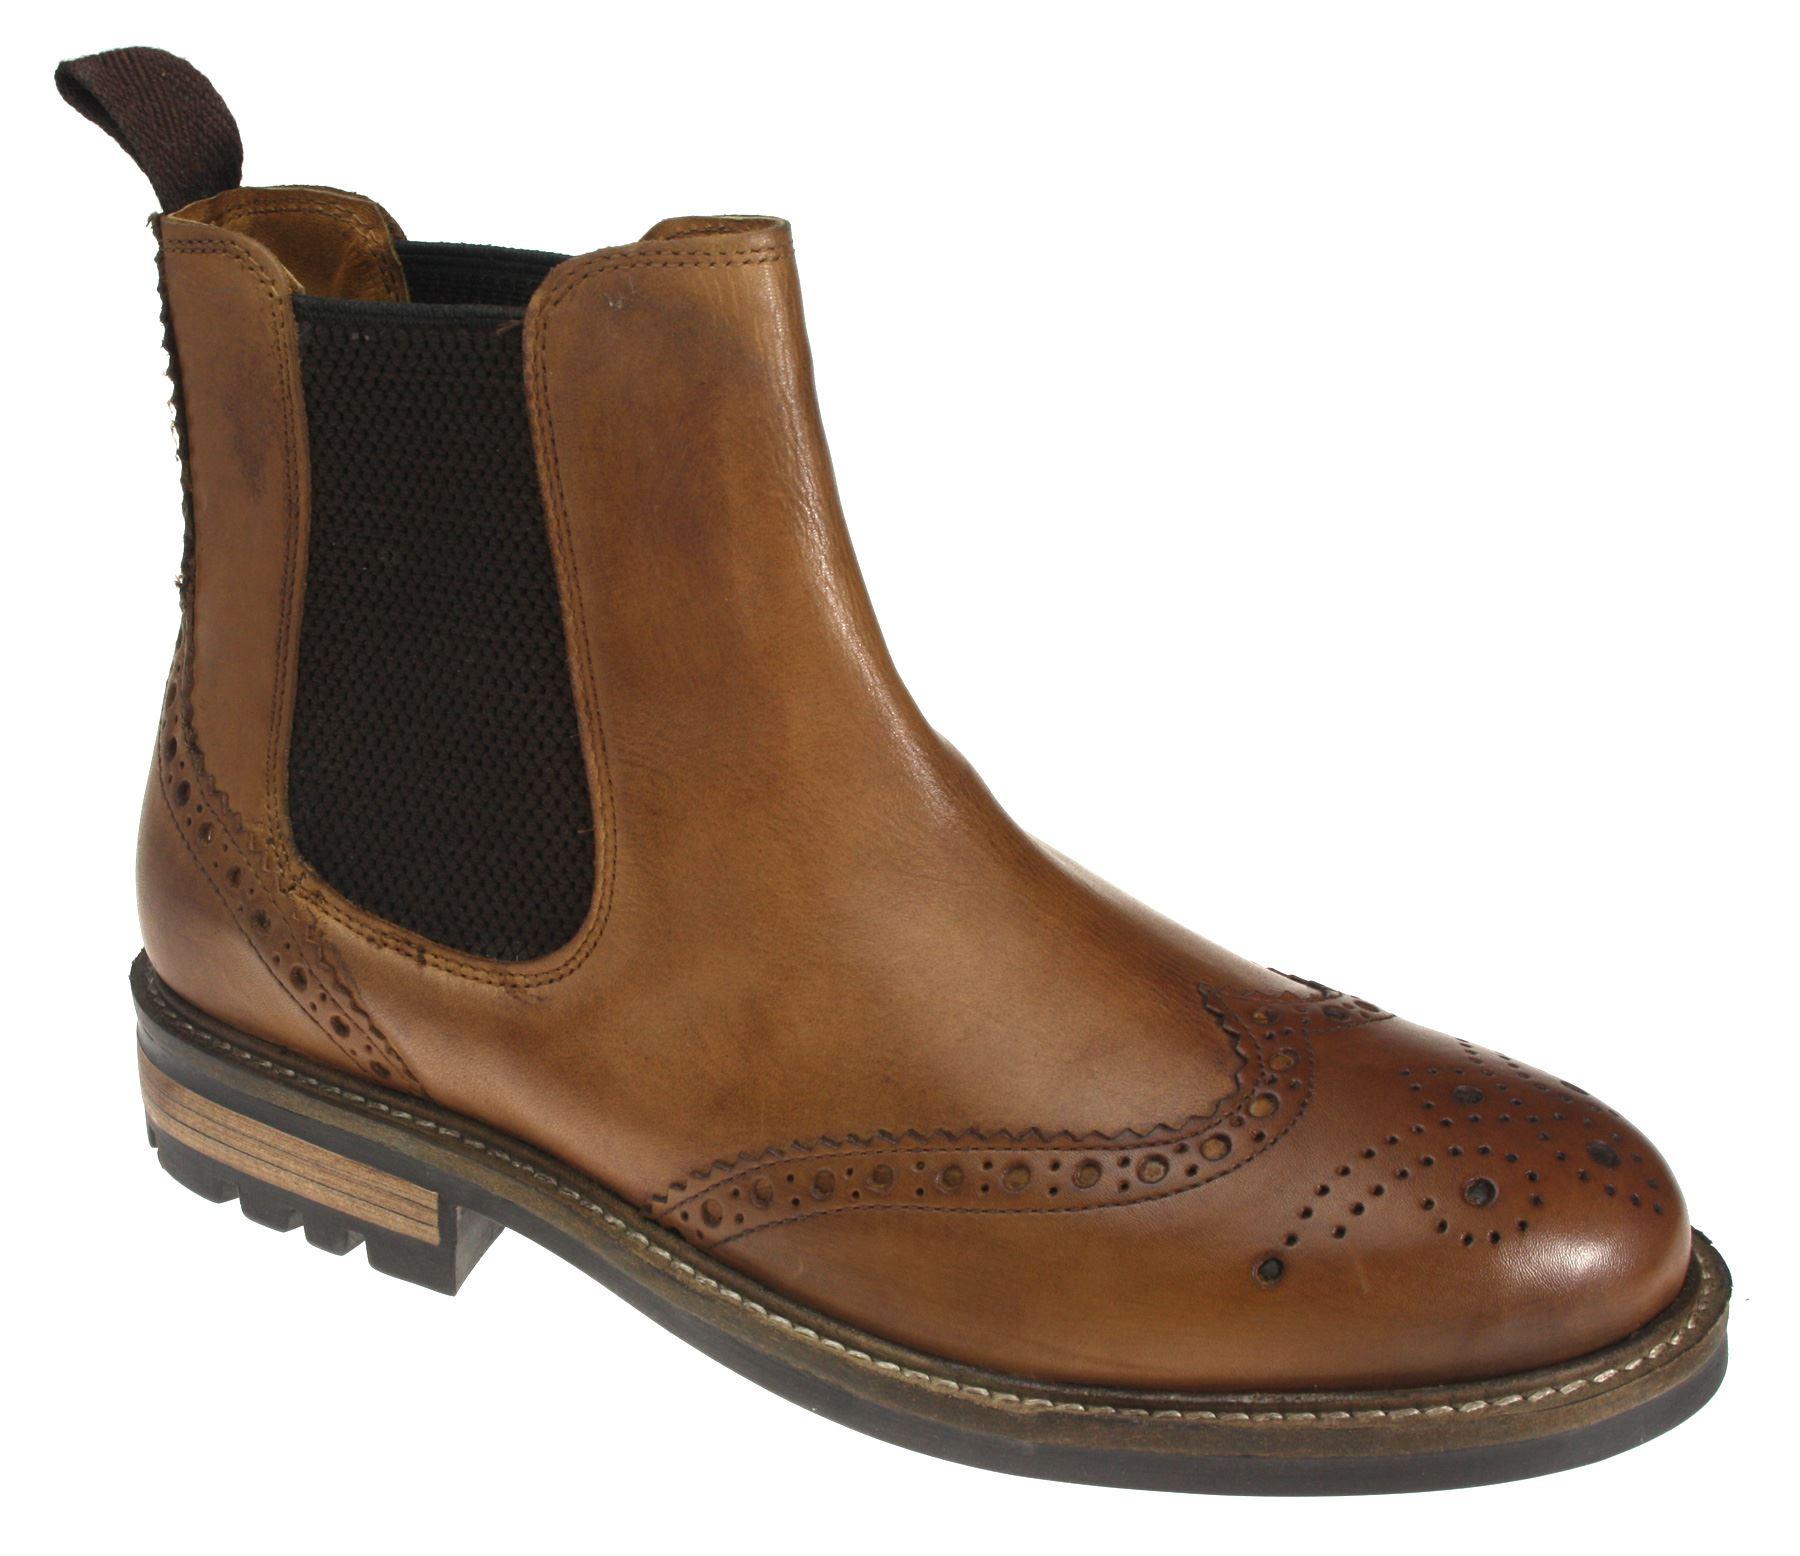 ... Burocrazia callan qualit cleated tirare cuoio tirare cleated accento  Uomo spacciatore chelsea boots ... e49323fb0ad